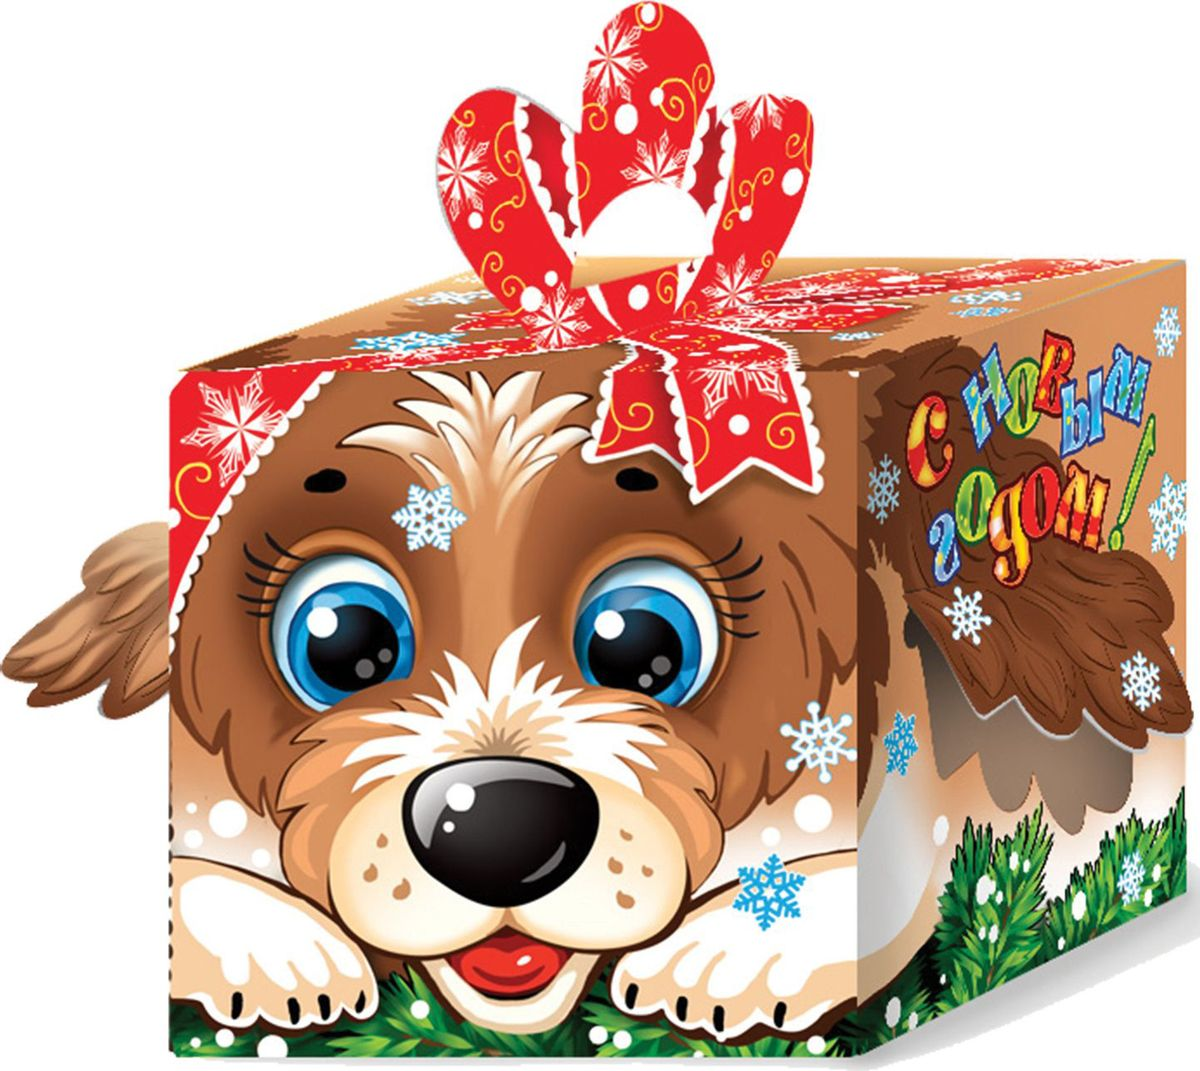 Сладкий новогодний подарок Пес Шарик, 300 г1529Новогодние подарки в картонной упаковке считаются самыми популярными для поздравления детей в детских садах и школах, и с каждым годом остаются лидерами продаж. Сладкий Новогодний подарок  Пес Шарик  300 гр. очарует любого малыша своей яркой, разноцветной упаковкой, а прекрасно подобранный состав кондитерских изделий от самых известных производителей позволит в полной мере насладиться праздником. Прекрасный вариант поздравления детей на утренниках в детских садах и школах.Уважаемые клиенты! Обращаем ваше внимание на возможные изменения в дизайне упаковки. Качественные характеристики товара остаются неизменными. Поставка осуществляется в зависимости от наличия на складе.